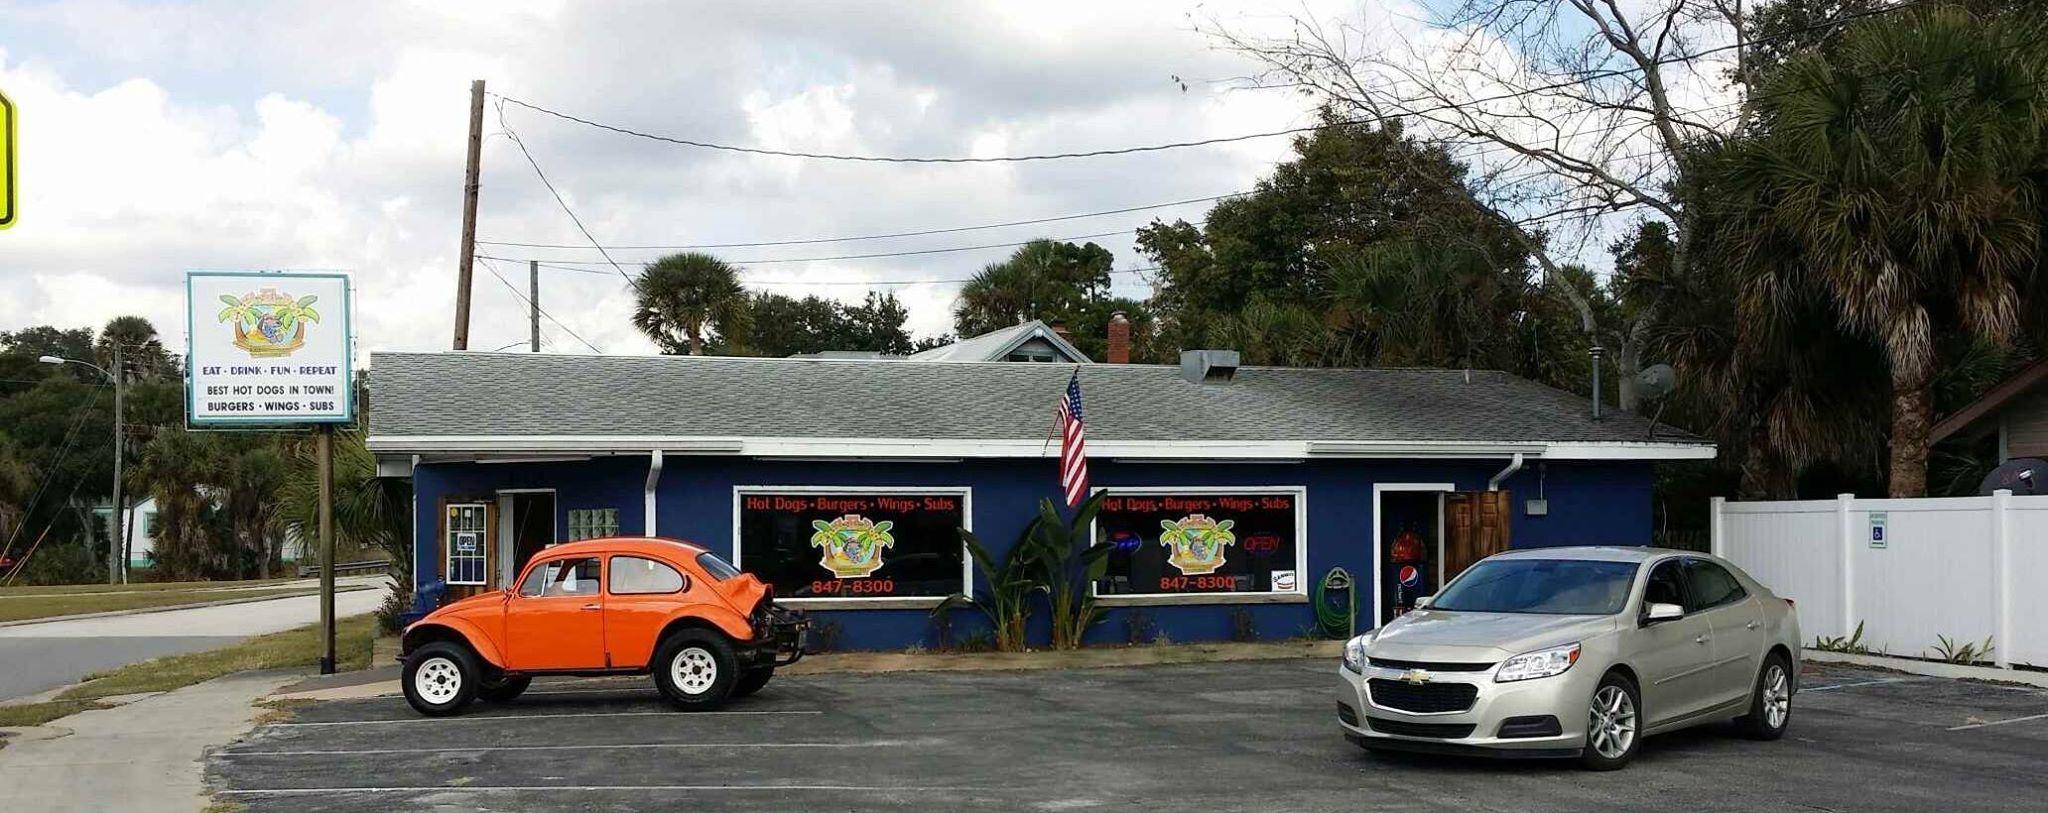 Chill E Dogs, Edgewater FL